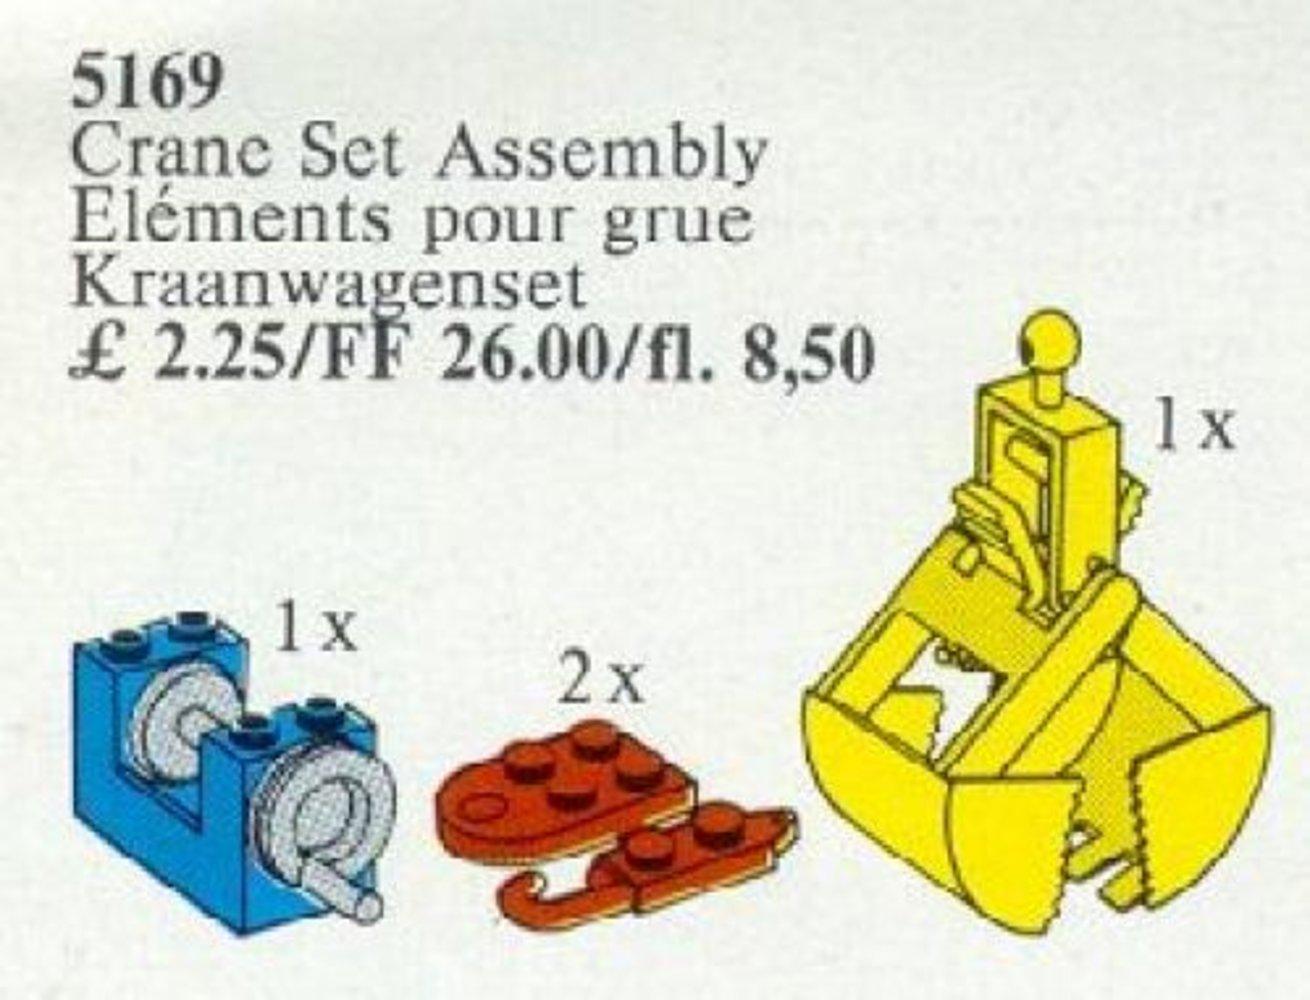 Crane Set Assembly